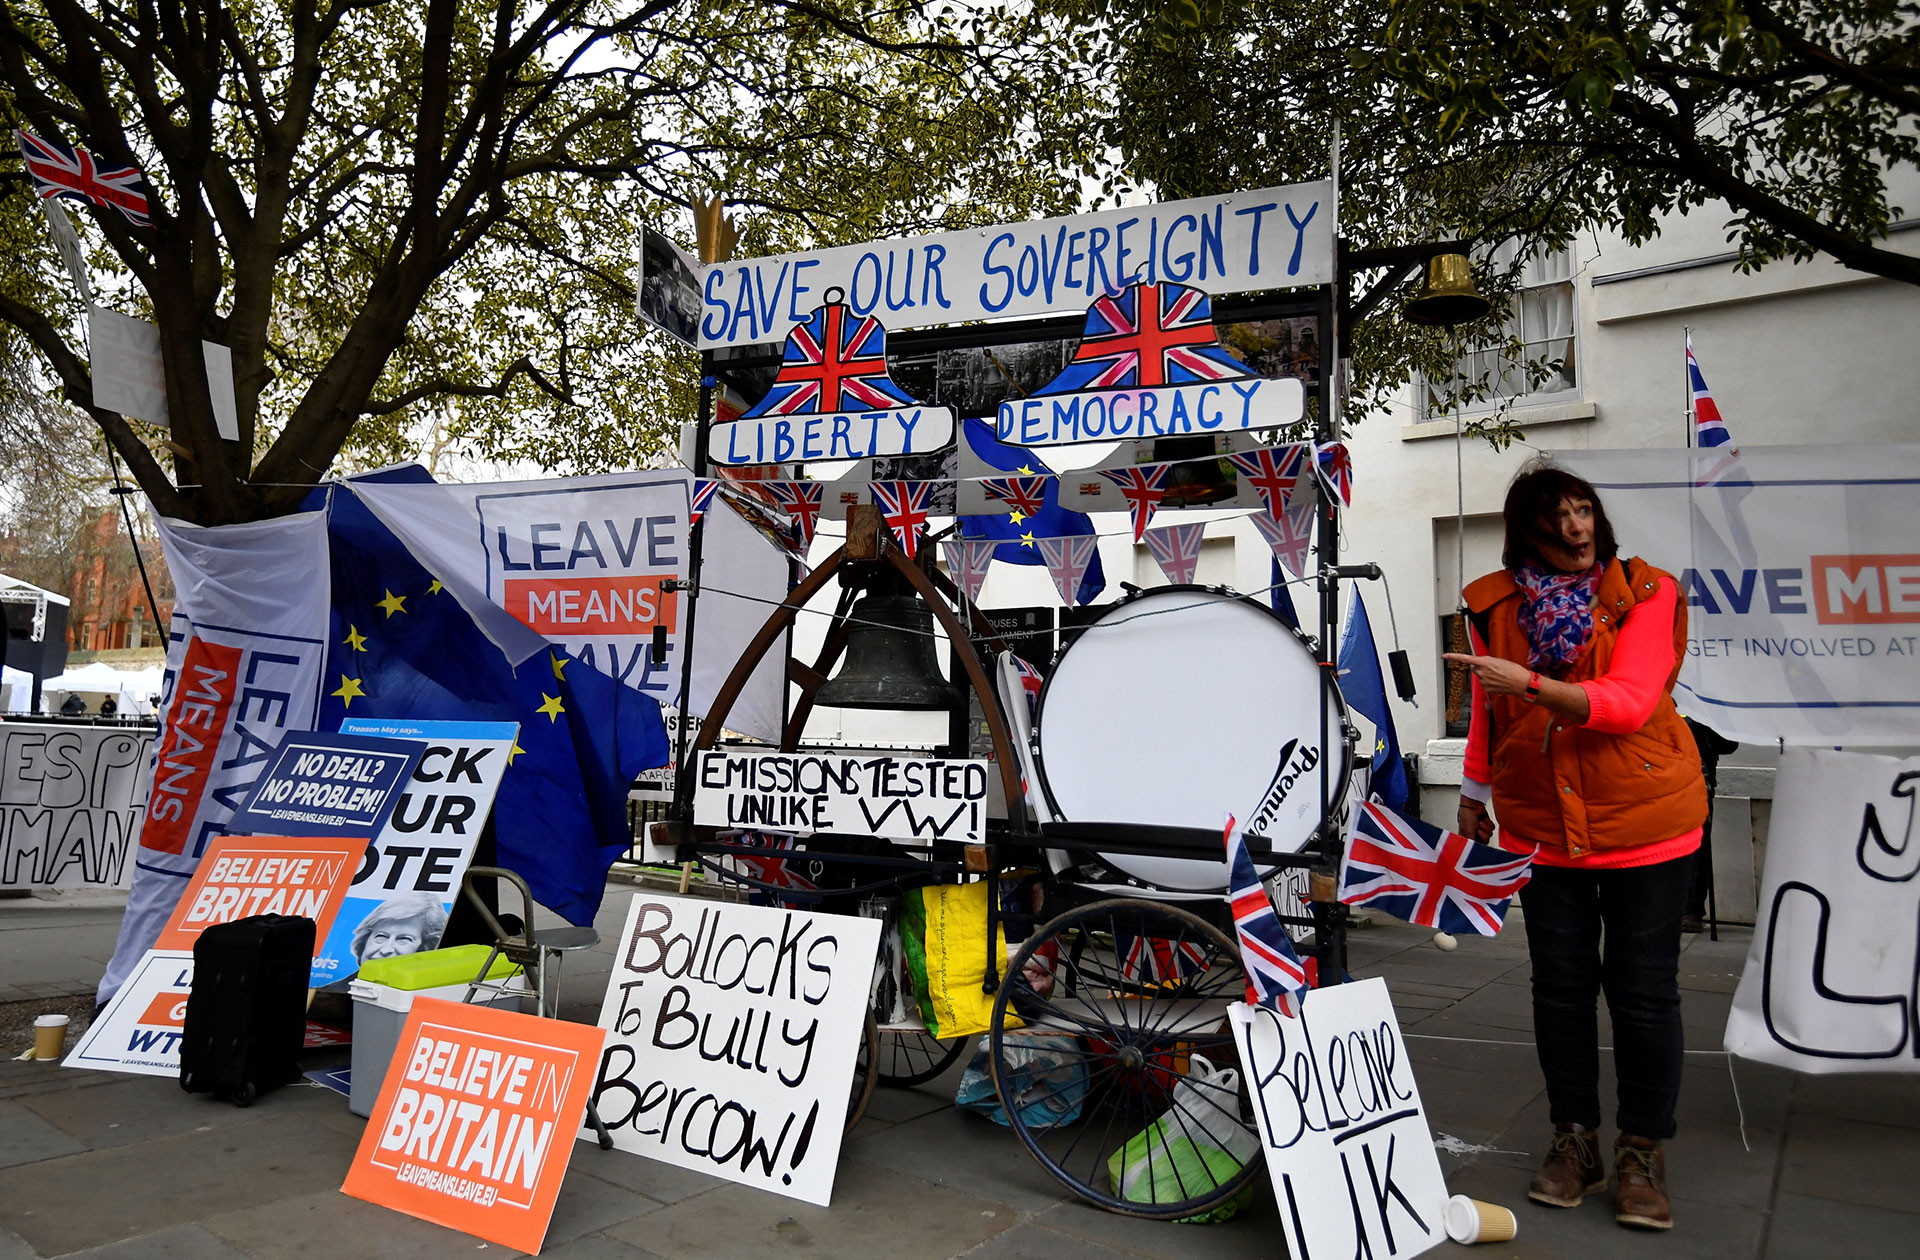 Un manifestante pro-Brexit toca la batería frente a las Casas del Parlamento en Londres, Gran Bretaña, el 15 de enero de 2019. (Reuters)